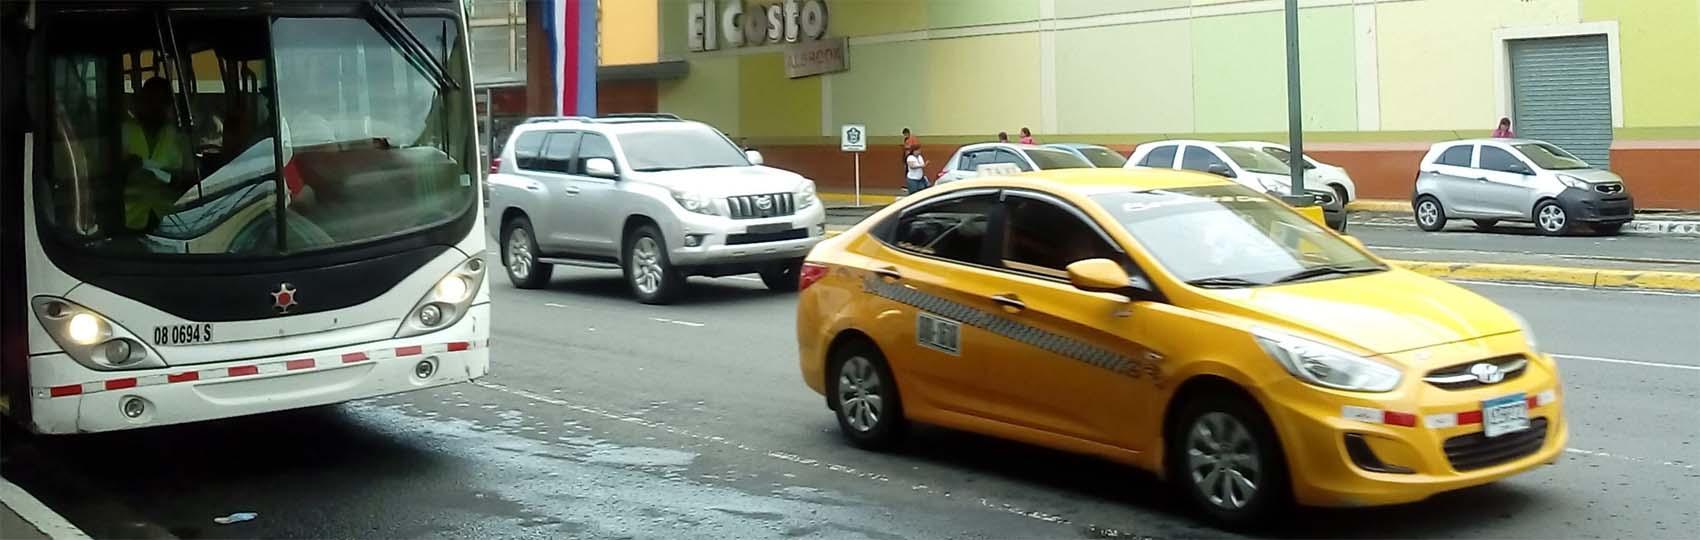 Noticias del sector del taxi y la movilidad en Panamá. Mantente informado de todas las noticias del taxi de Panamá en el grupo de Facebook de Todo Taxi.